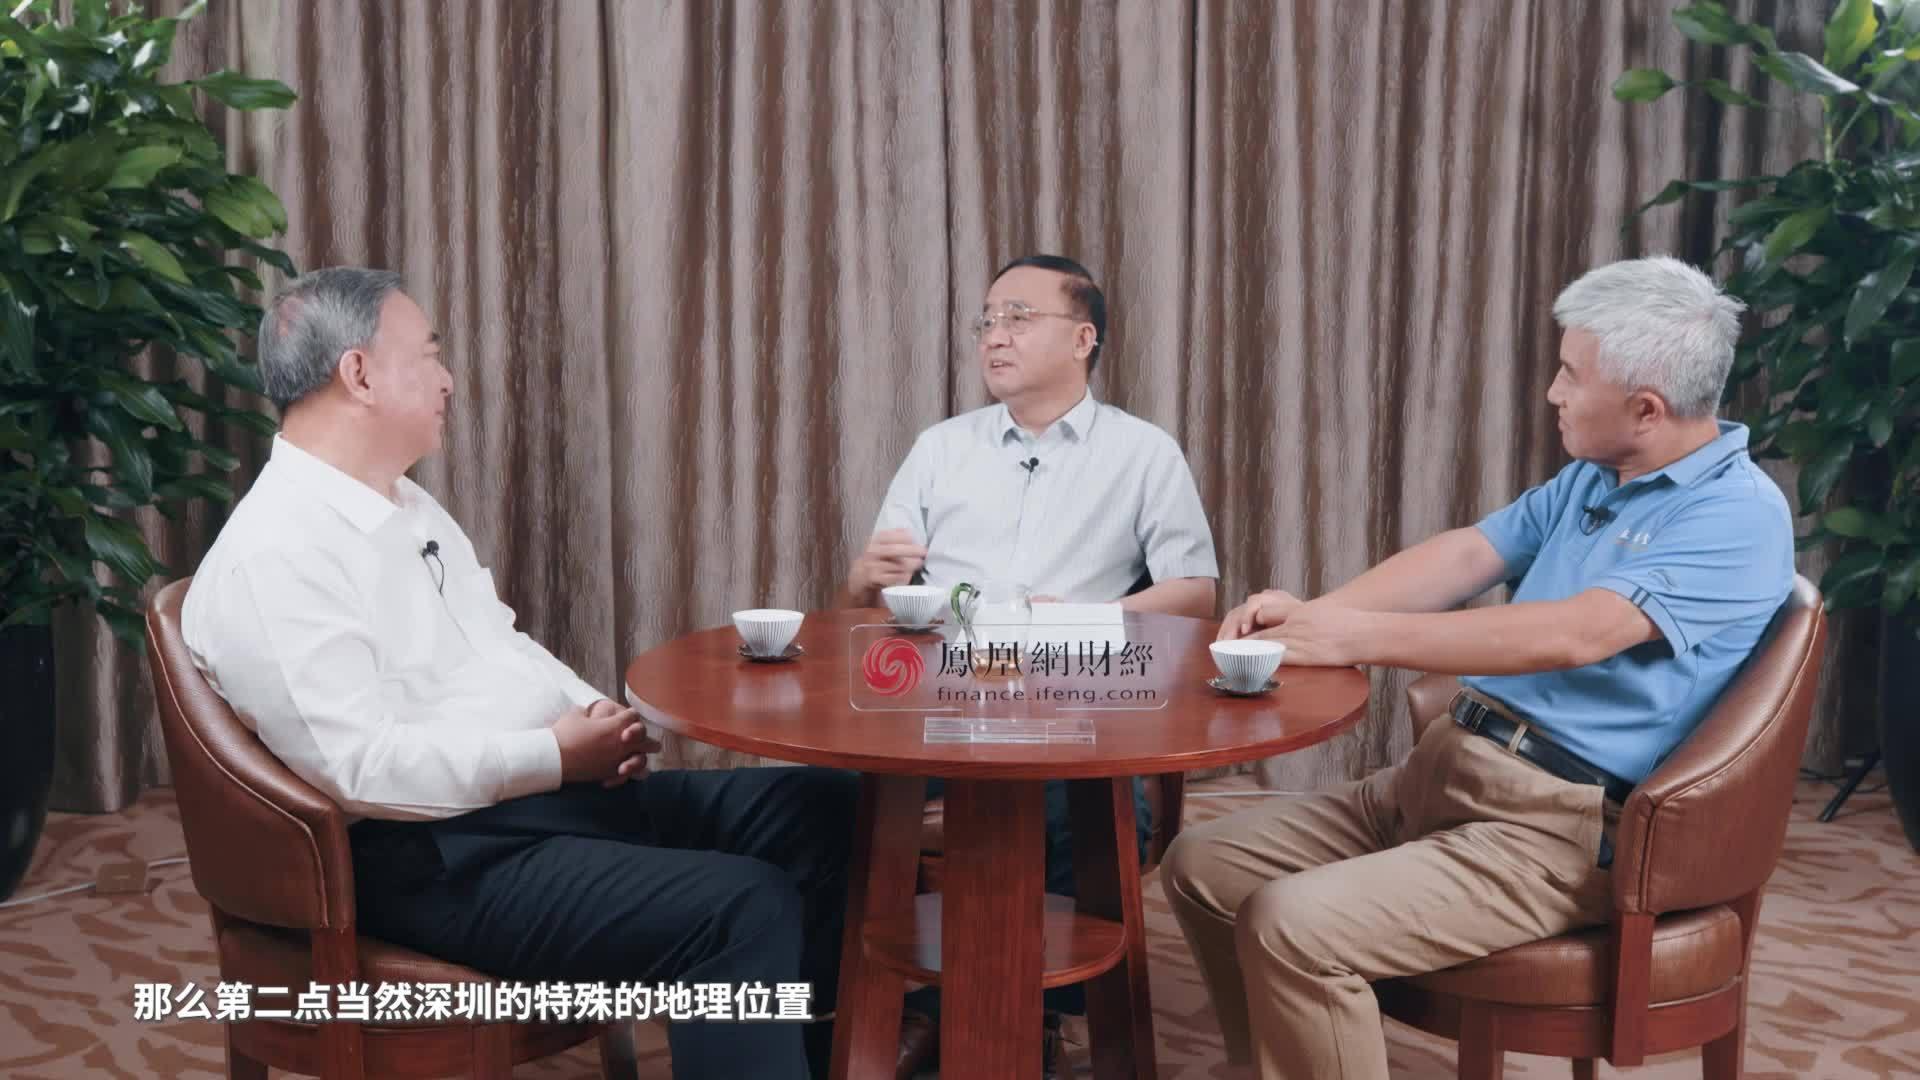 宋志平、张维迎、刘科:论道企业家精神 巅峰对话(下集)